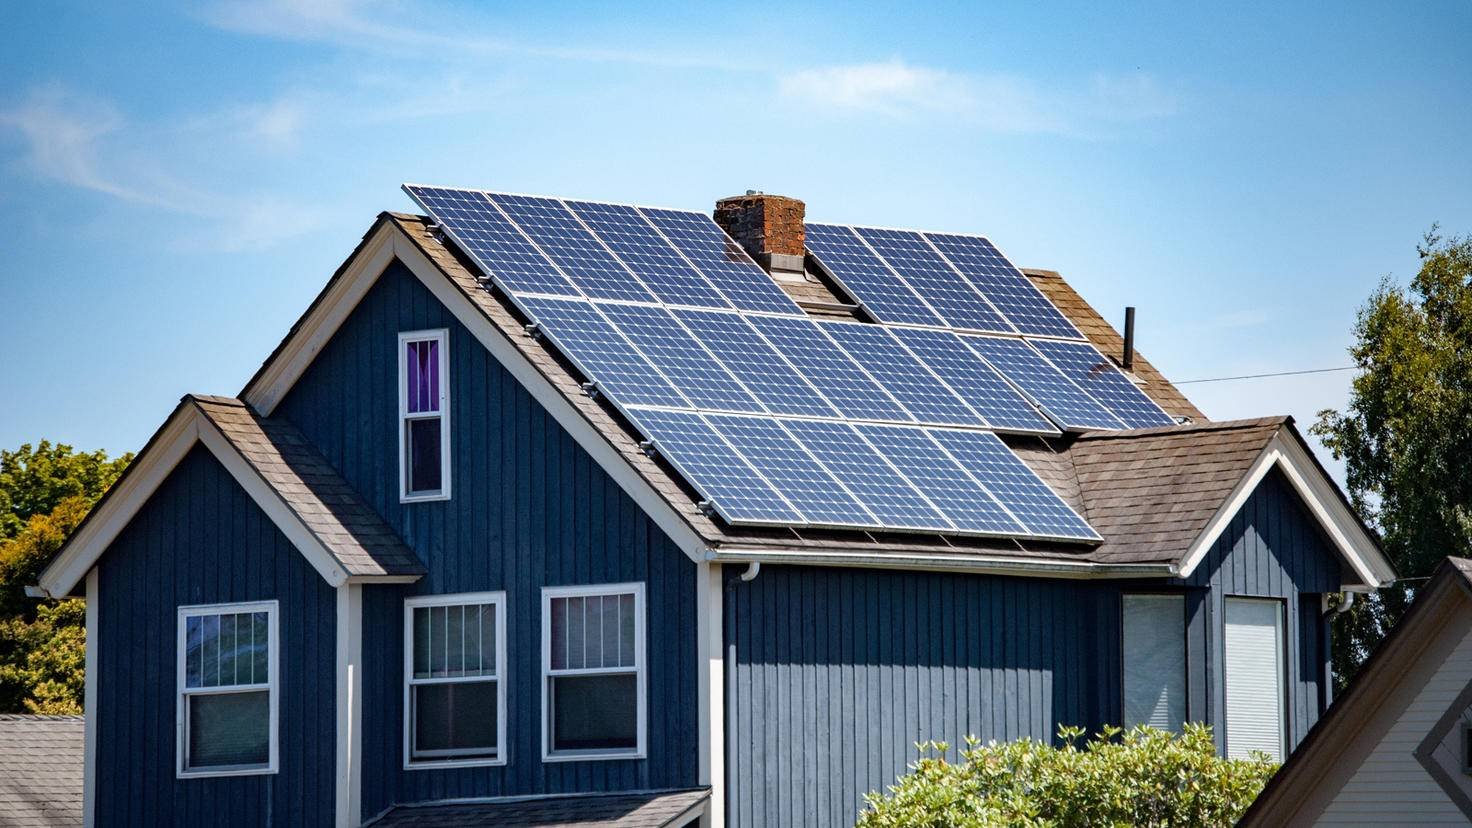 Häuser mit einer Solaranlage mit einer Nennleistung über 7 Kilowatt brauchen mitunter einen Smart Meter.